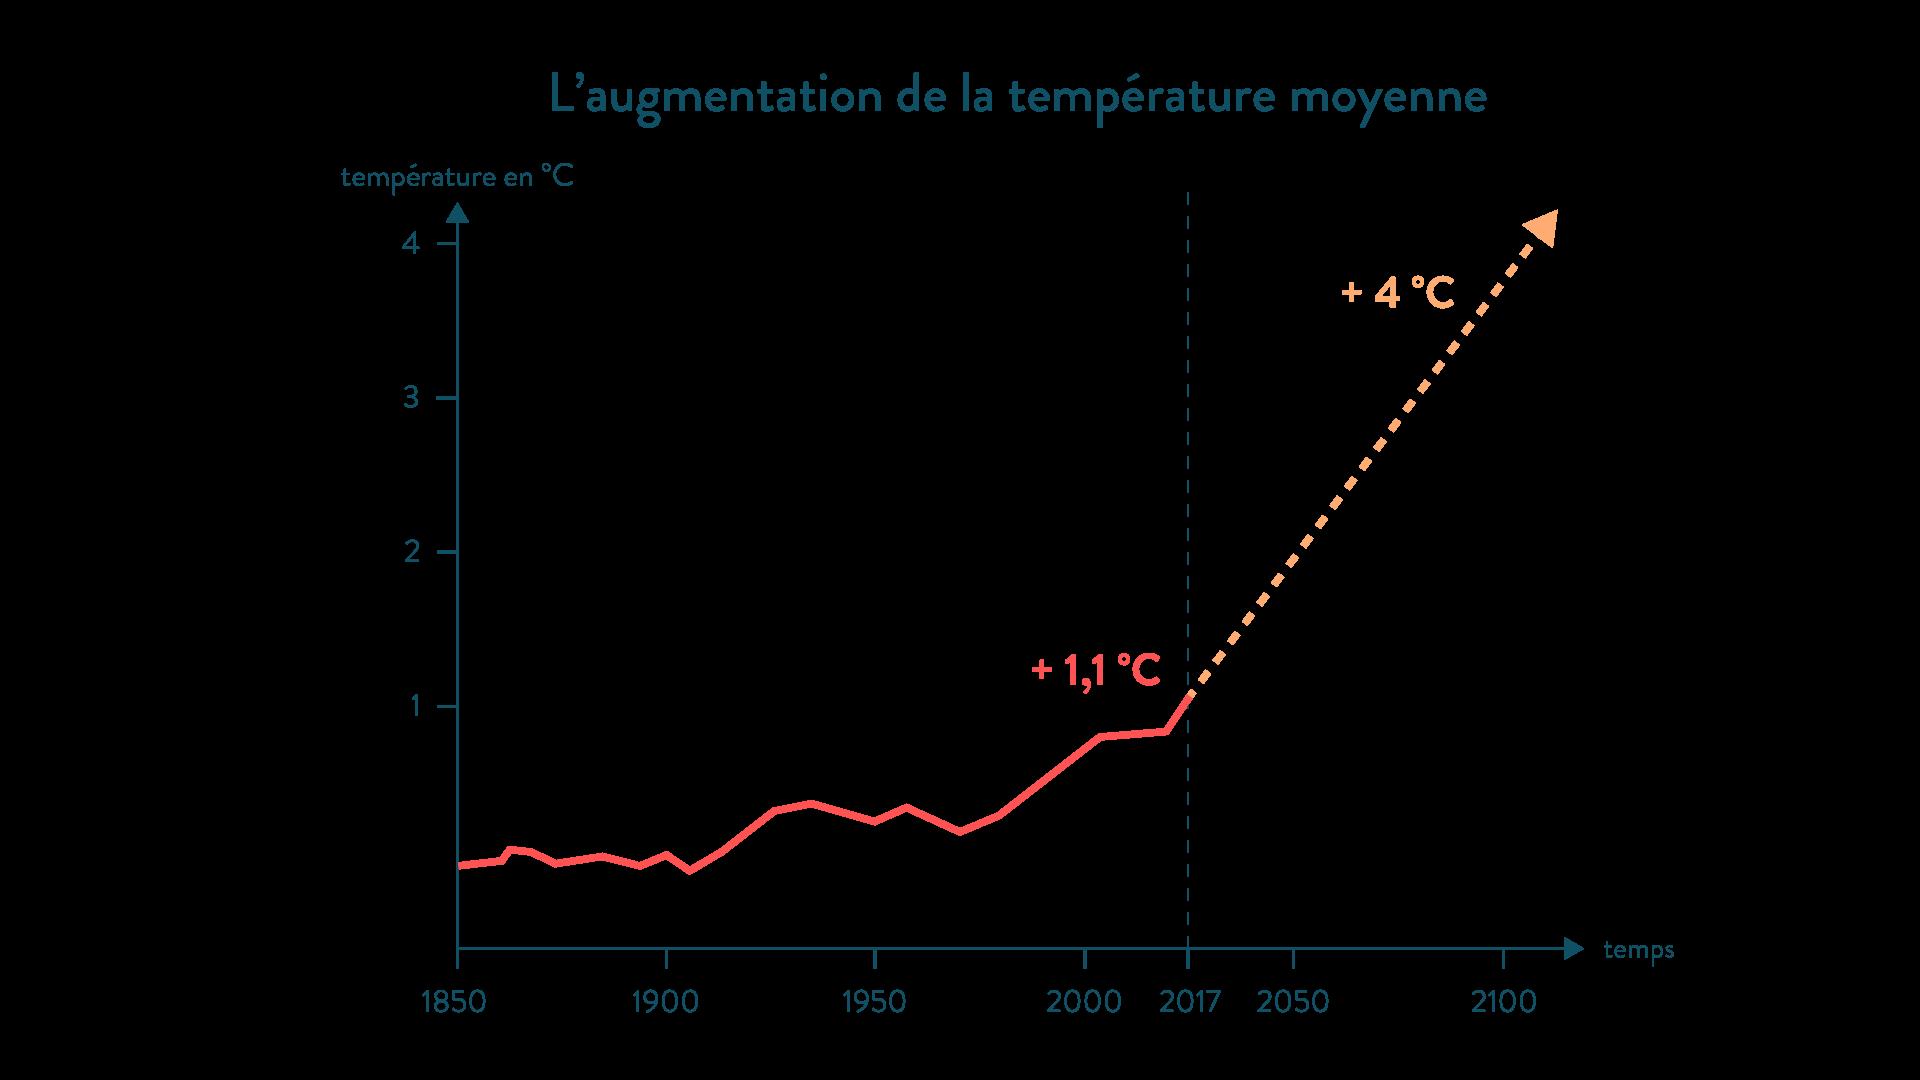 L'augmentation de la température moyenne entre 1850 et 2017, et les prévisions pour 2100 géographie cinquième